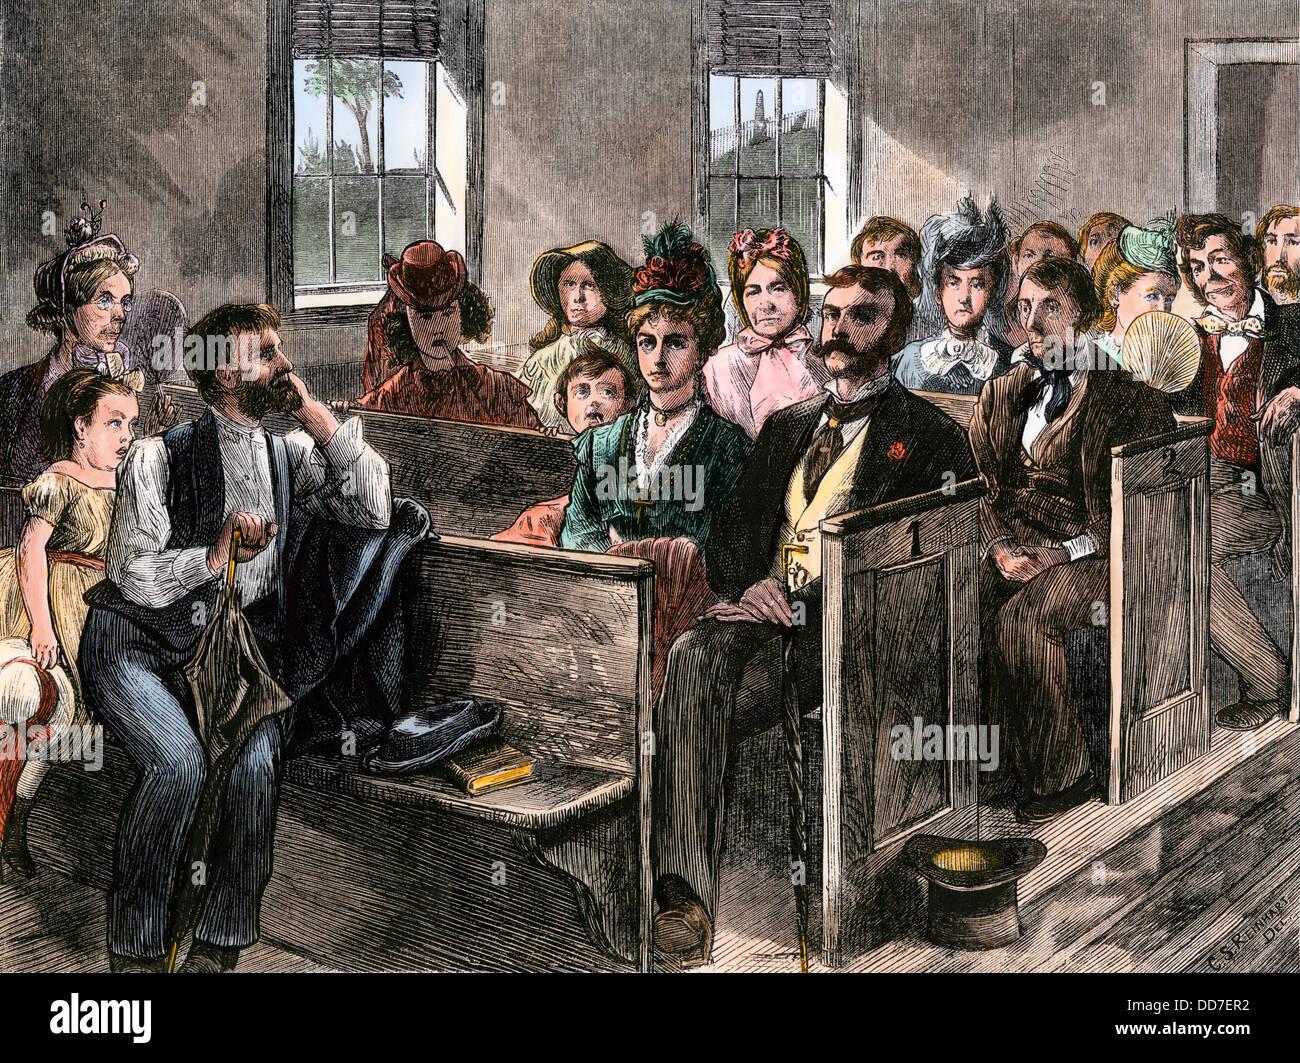 Ville aux participants d'une église de campagne, 1870. À la main, gravure sur bois Photo Stock